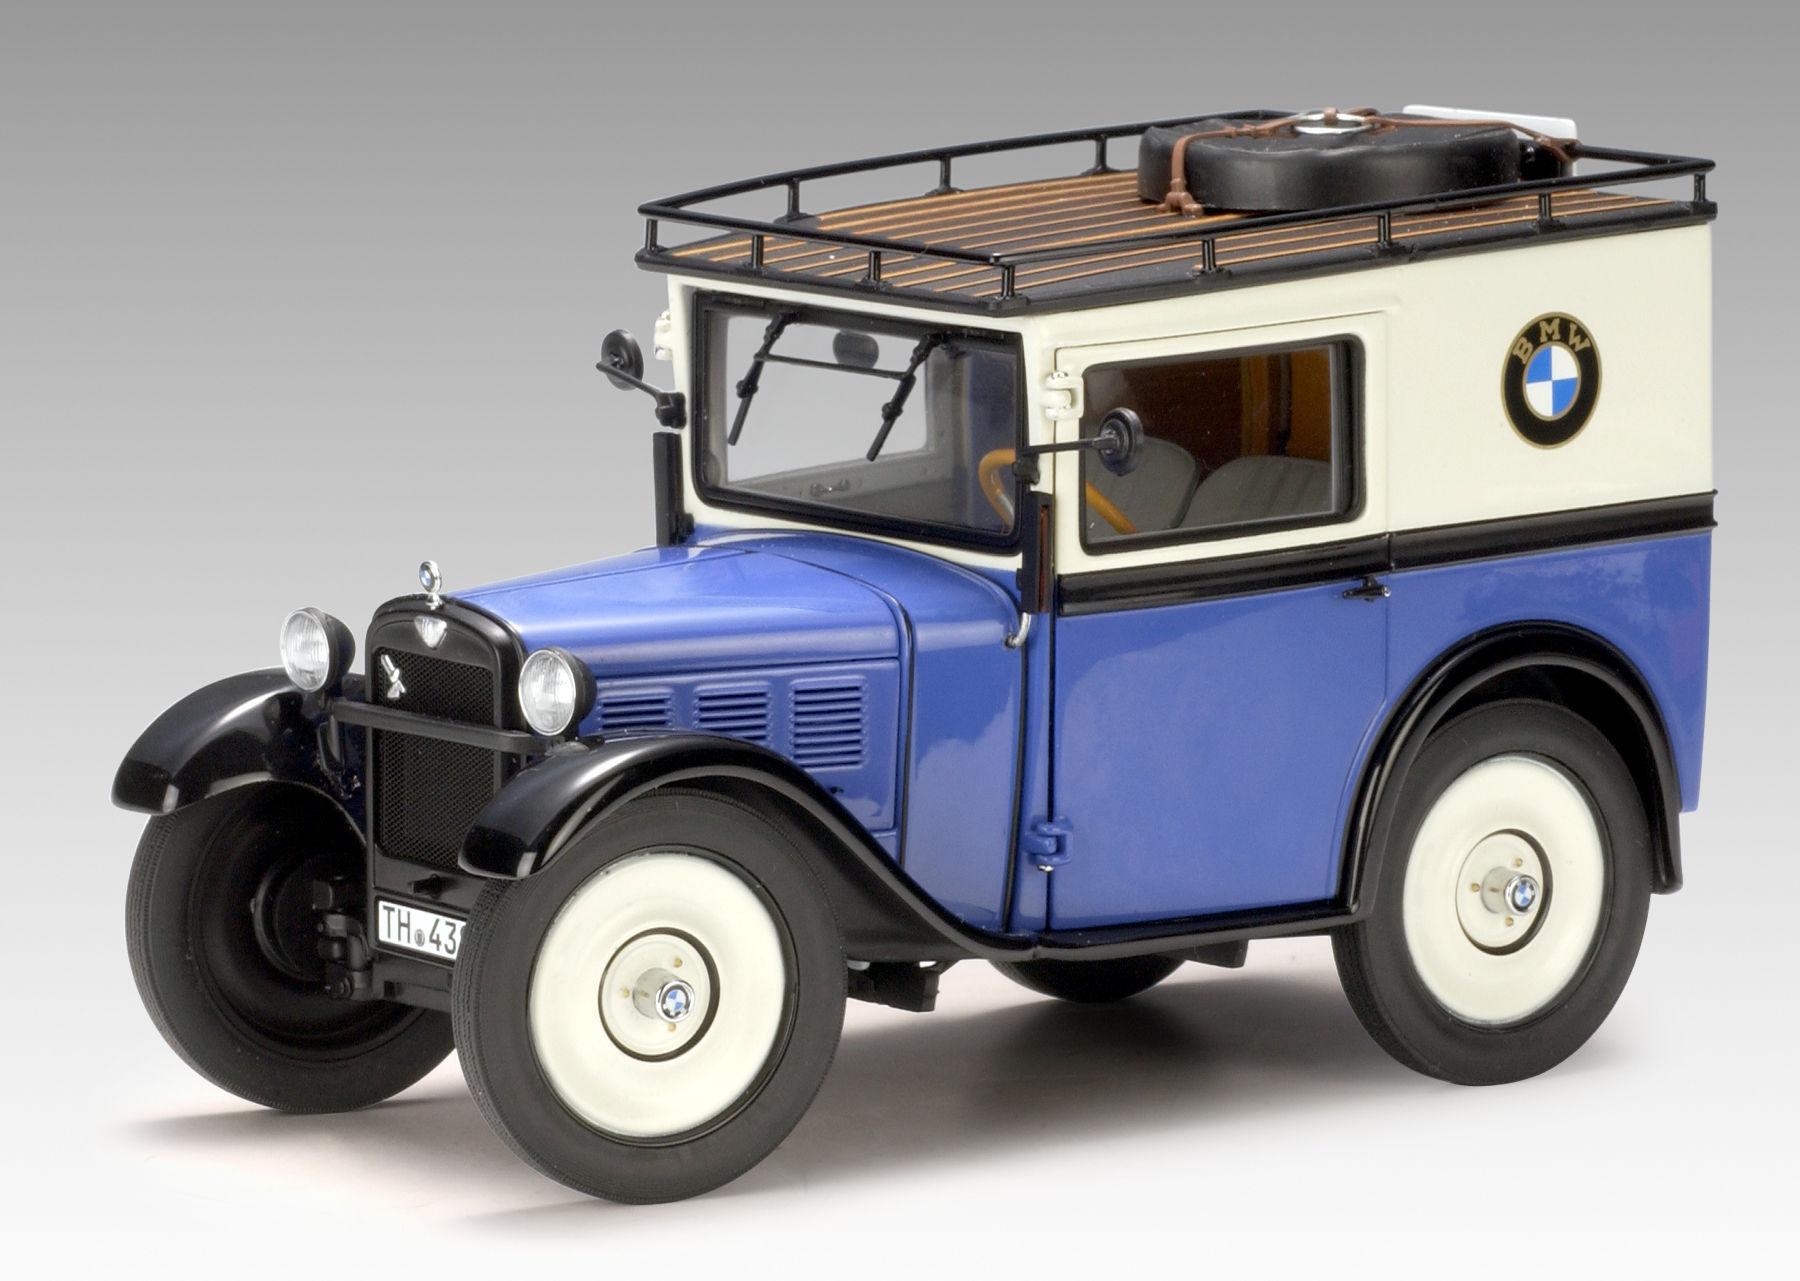 ¿En qué año fabricó BMW su primer automóvil en serie?